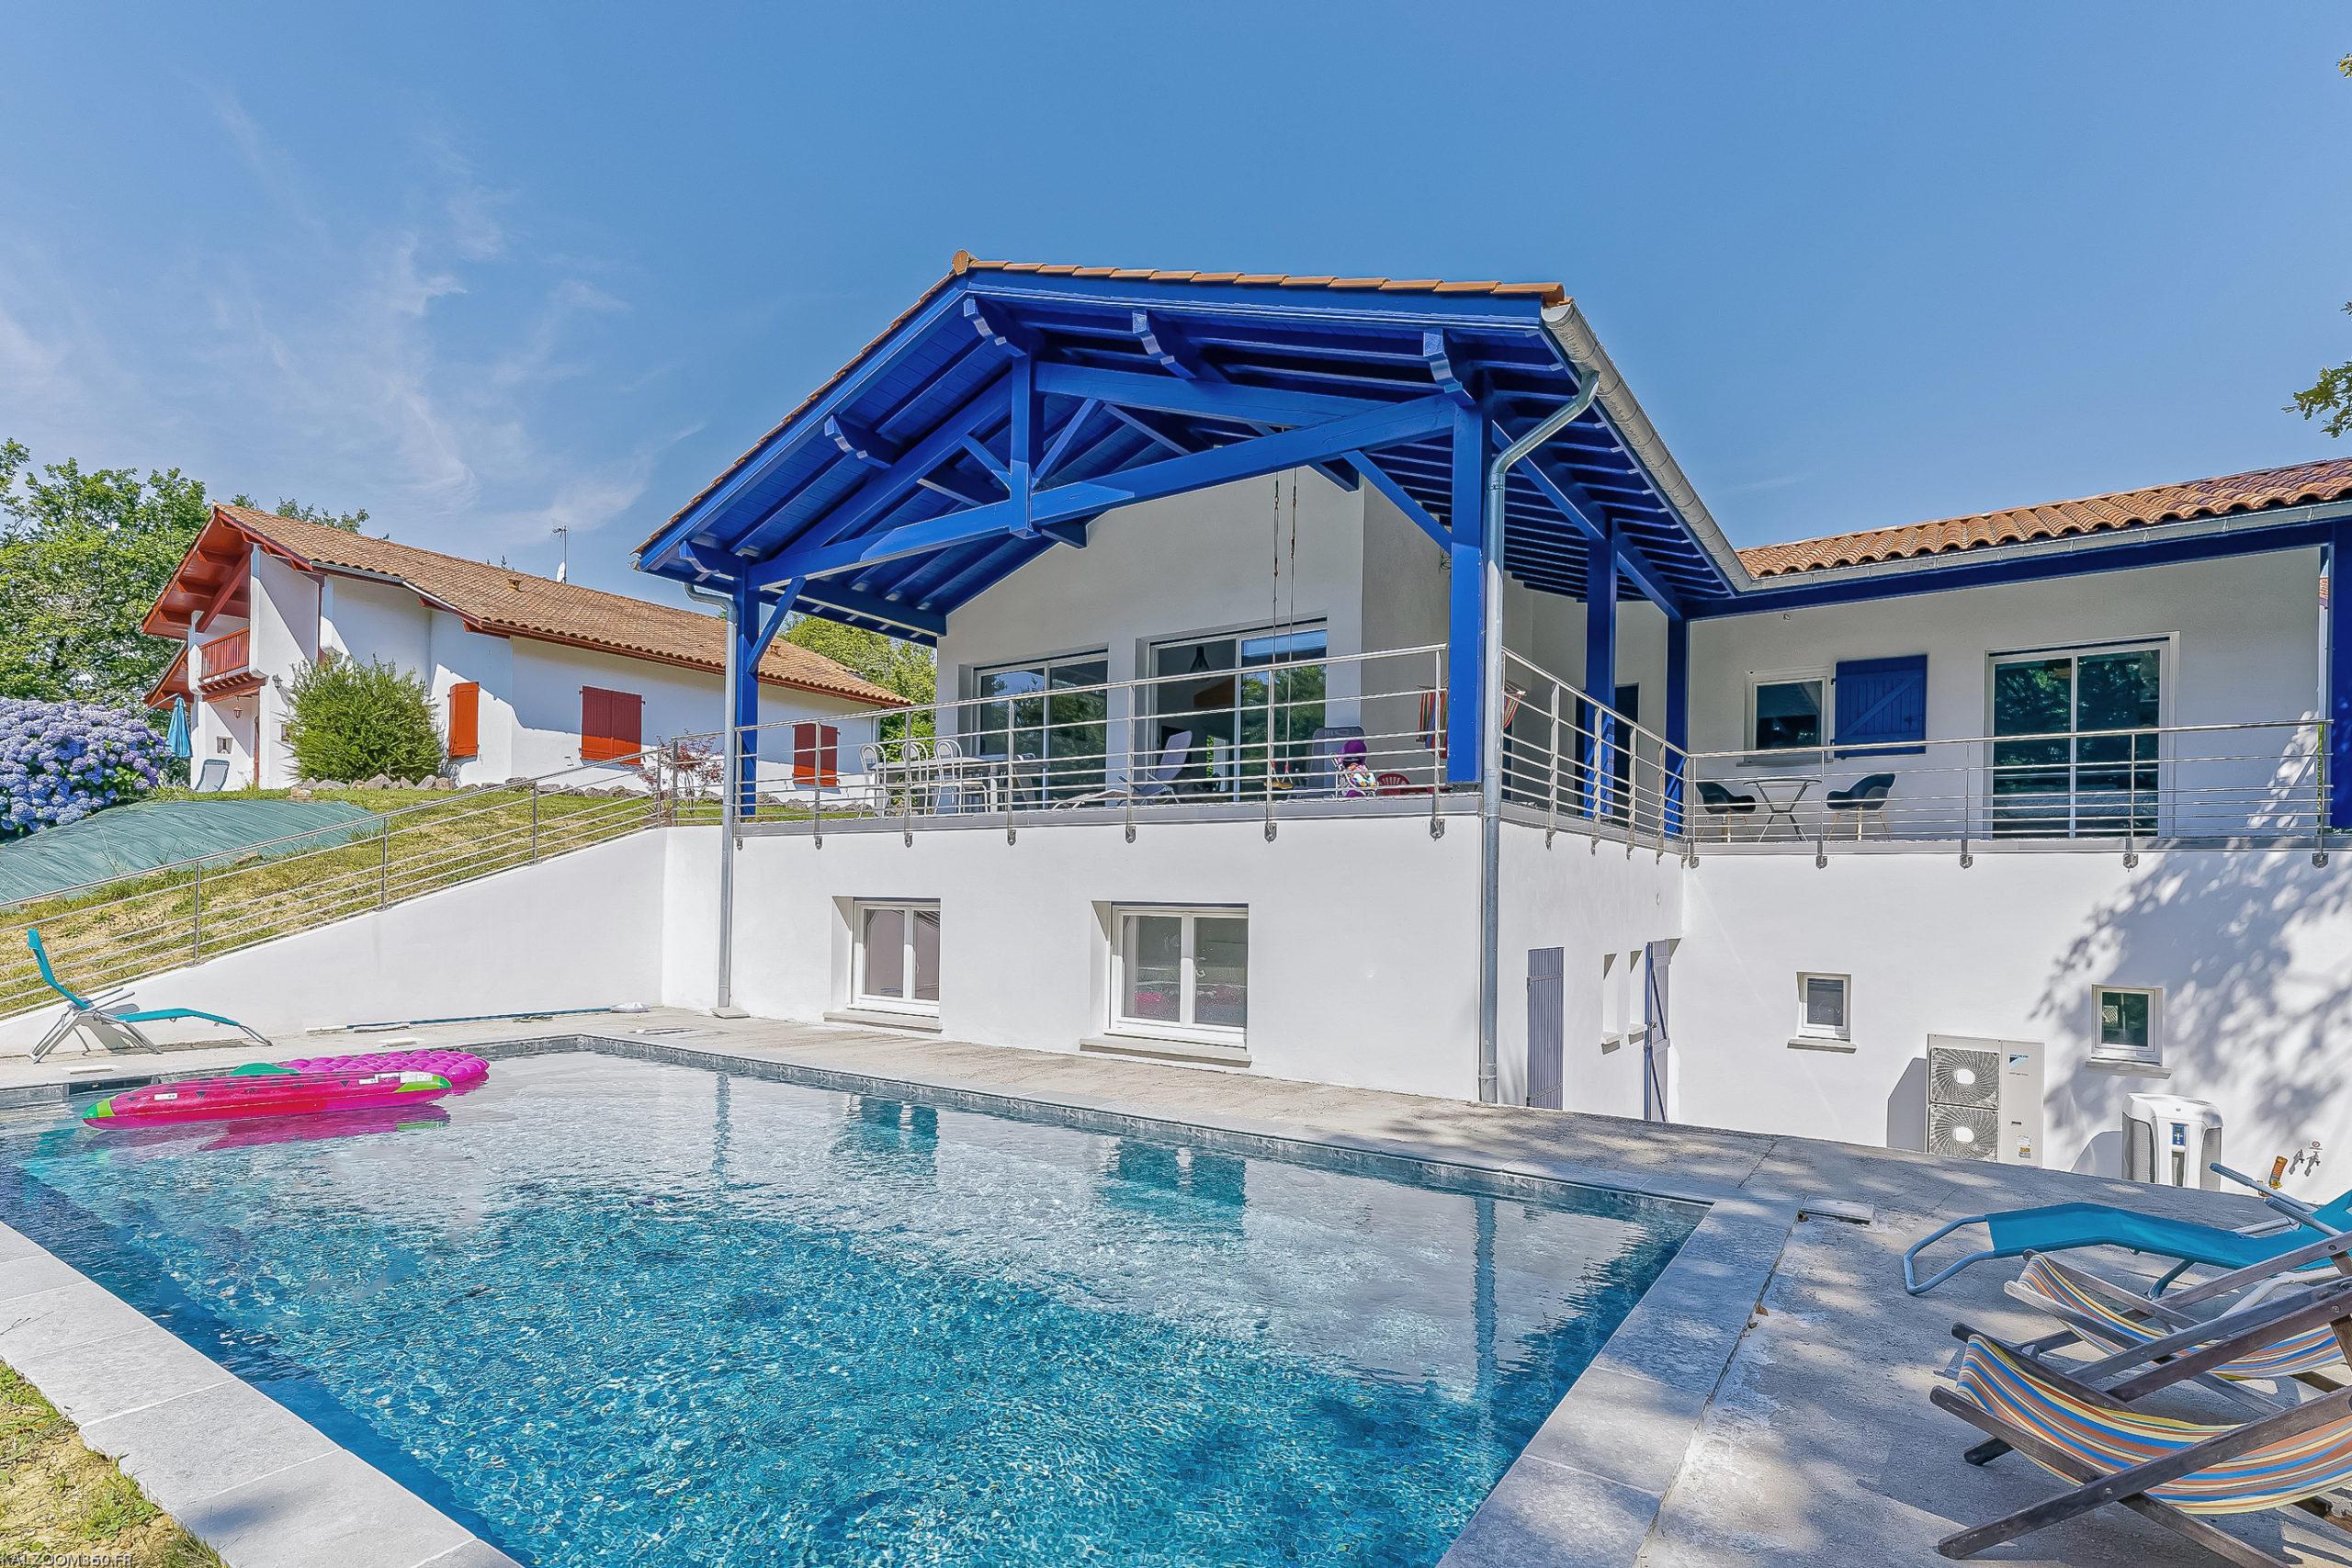 Plurielles architectures réalisation maison neuve à saint pierre d'irube avec piscine